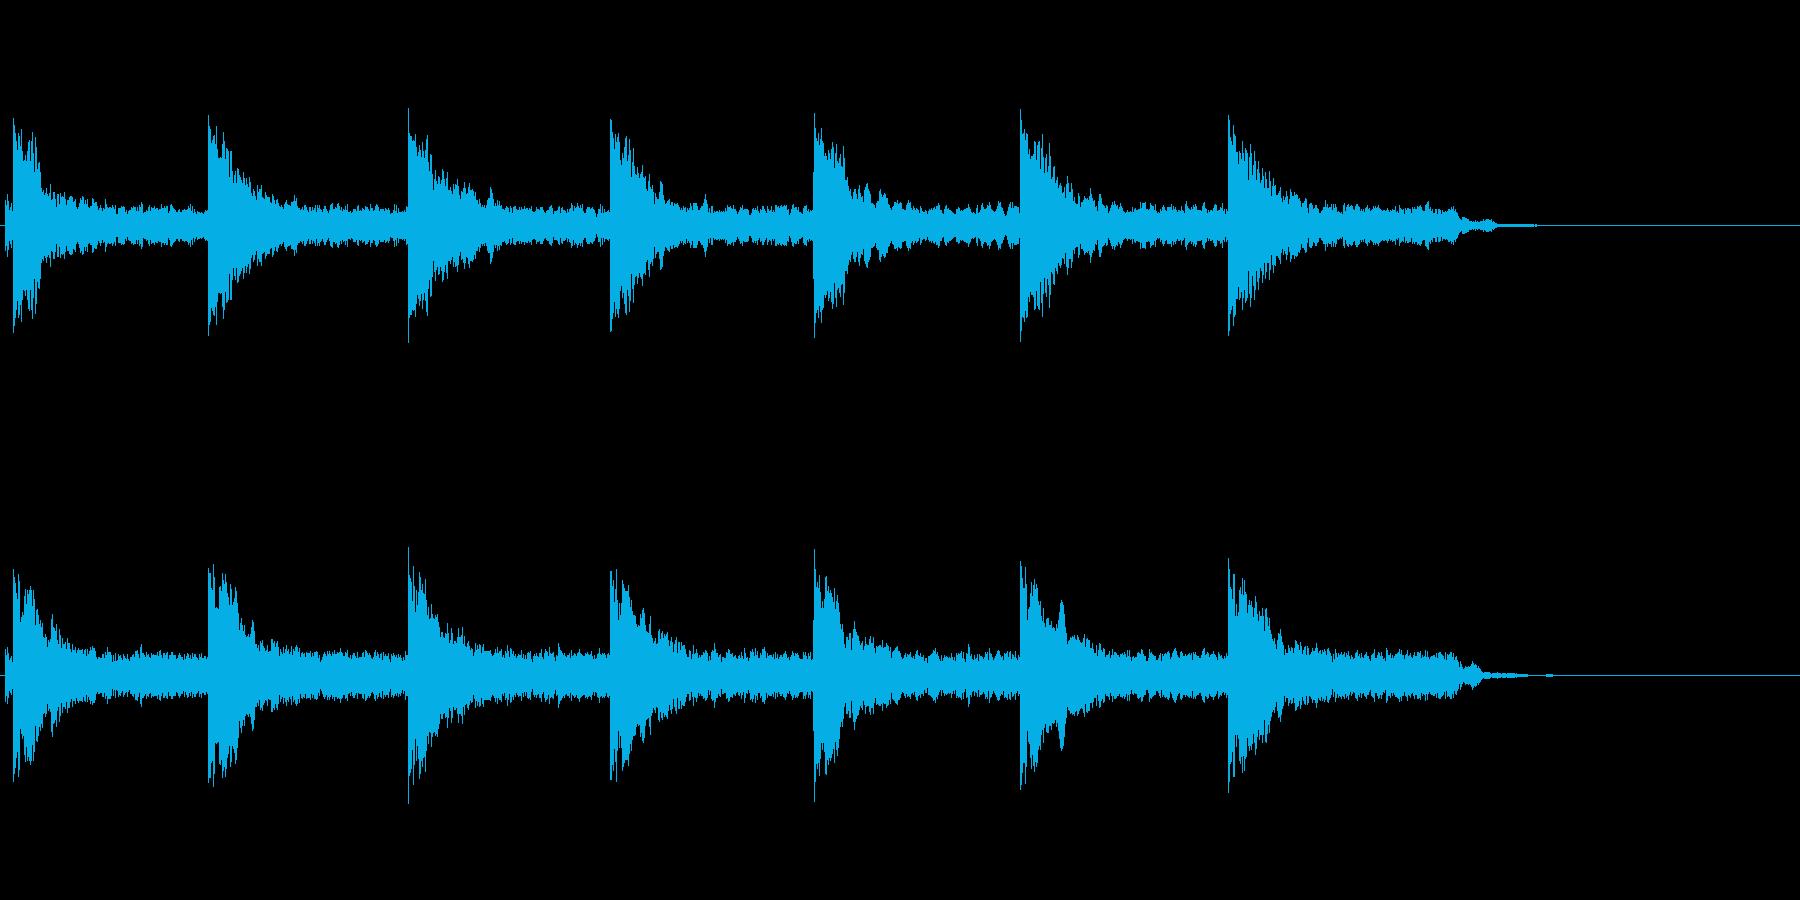 歩いているような怖い三味線の音の再生済みの波形